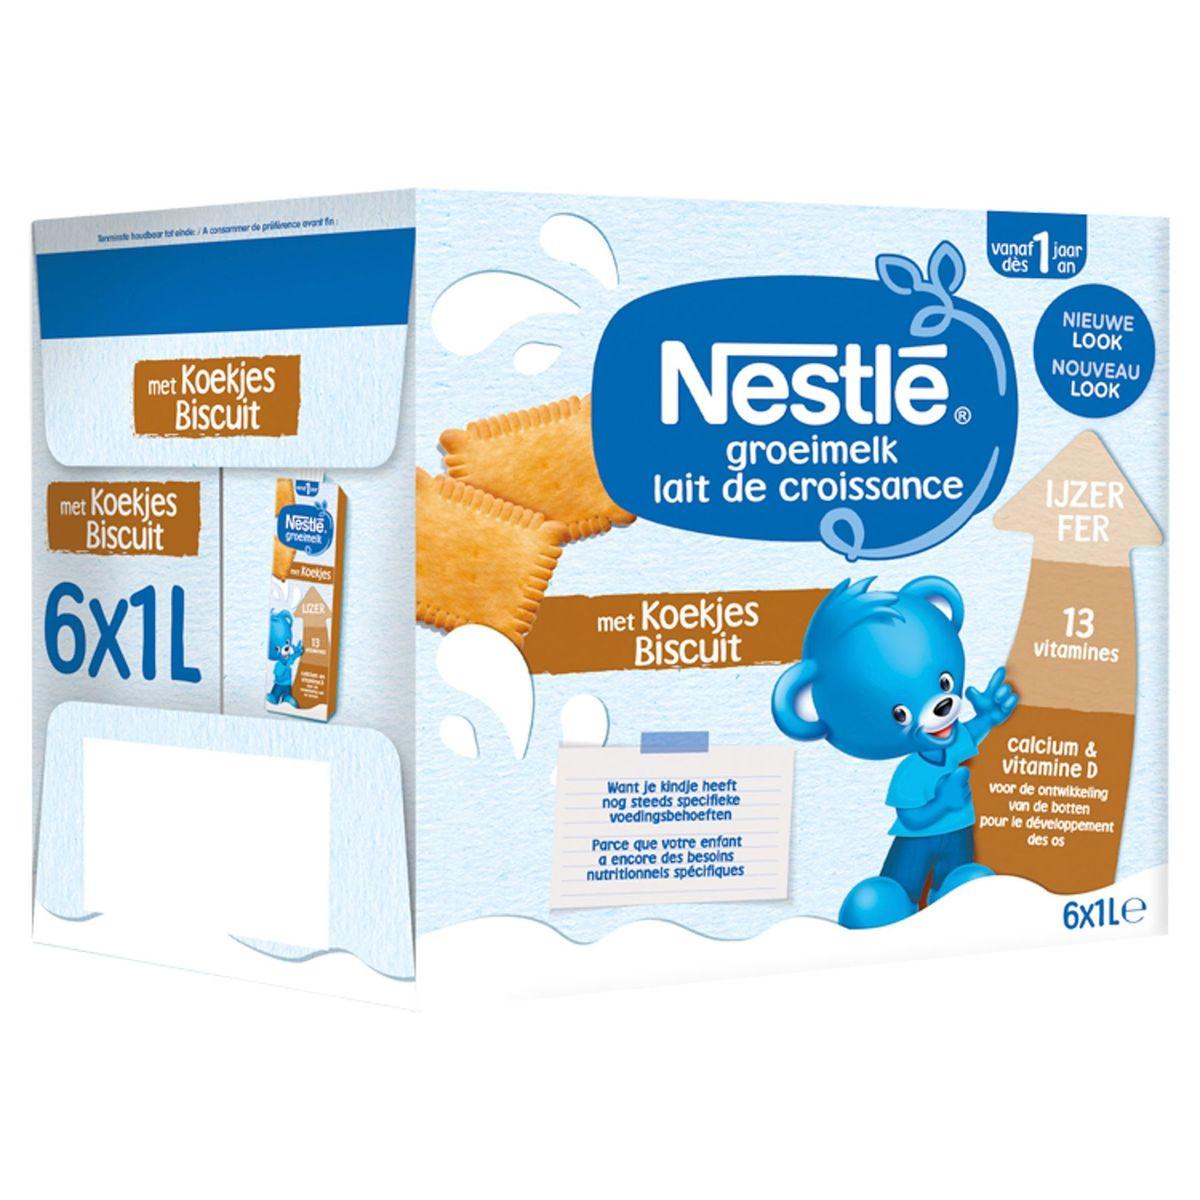 Nestlé Lait de Croissance Biscuit dès 1 An 6 x 1 L